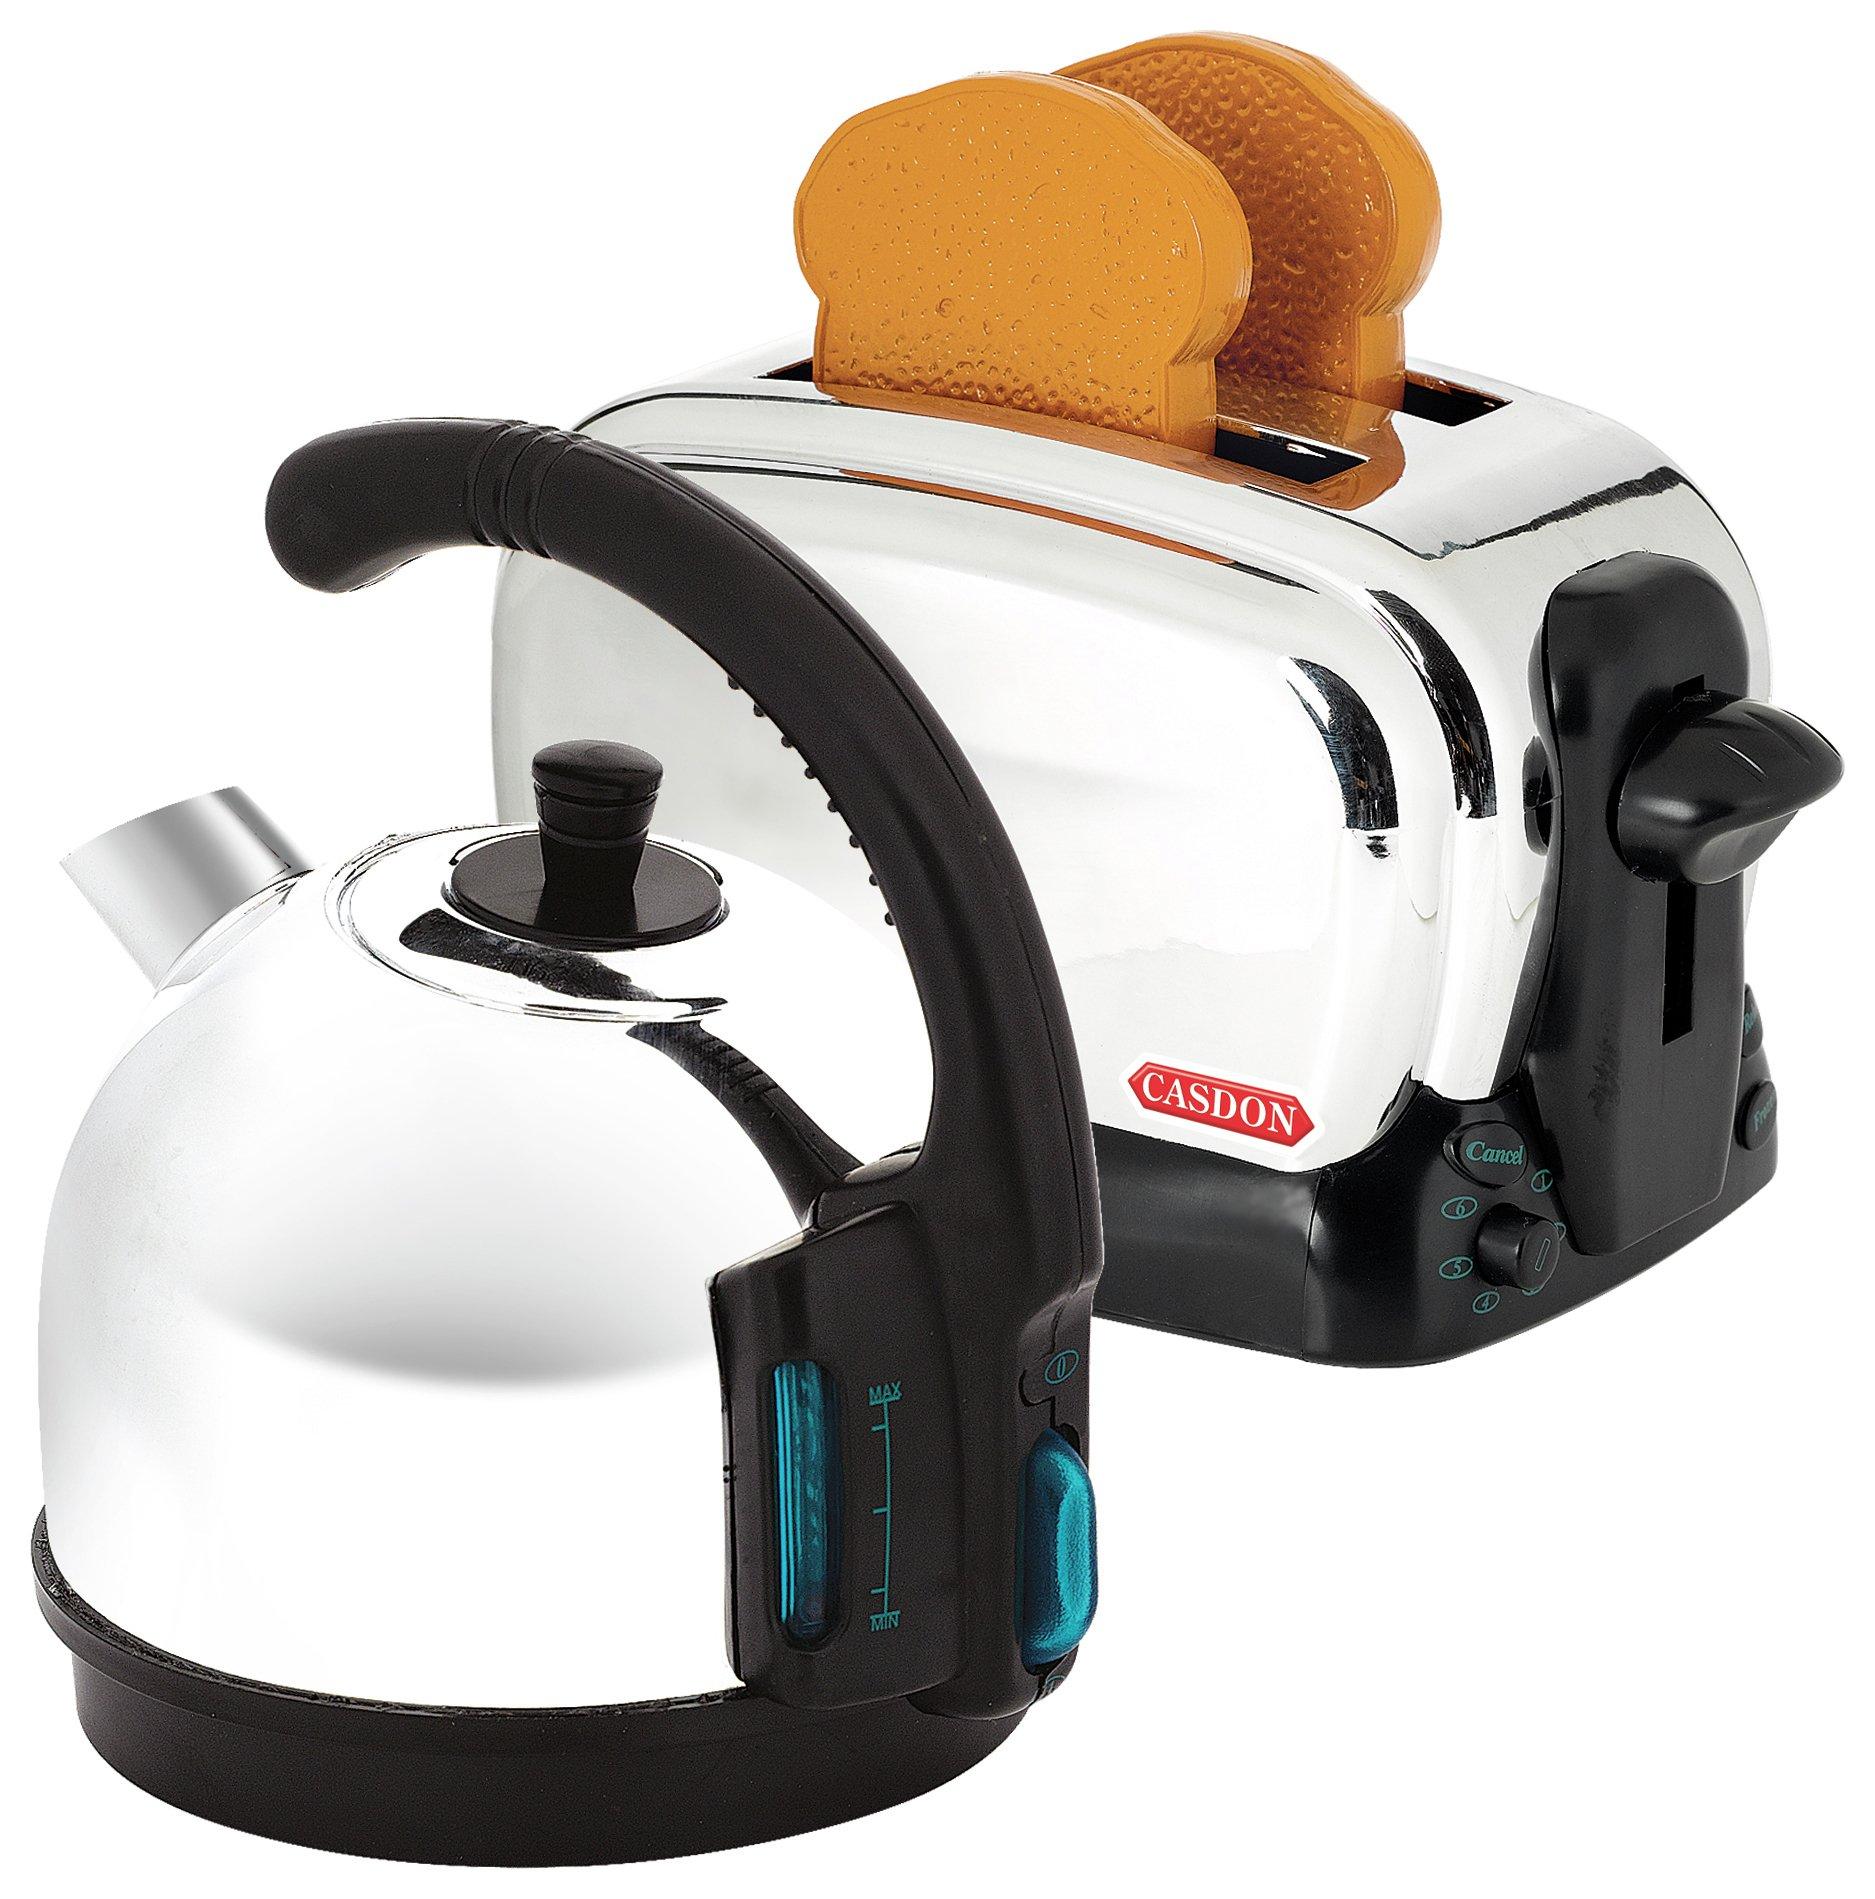 Image of Casdon Breakfast Set Roleplay Appliances.